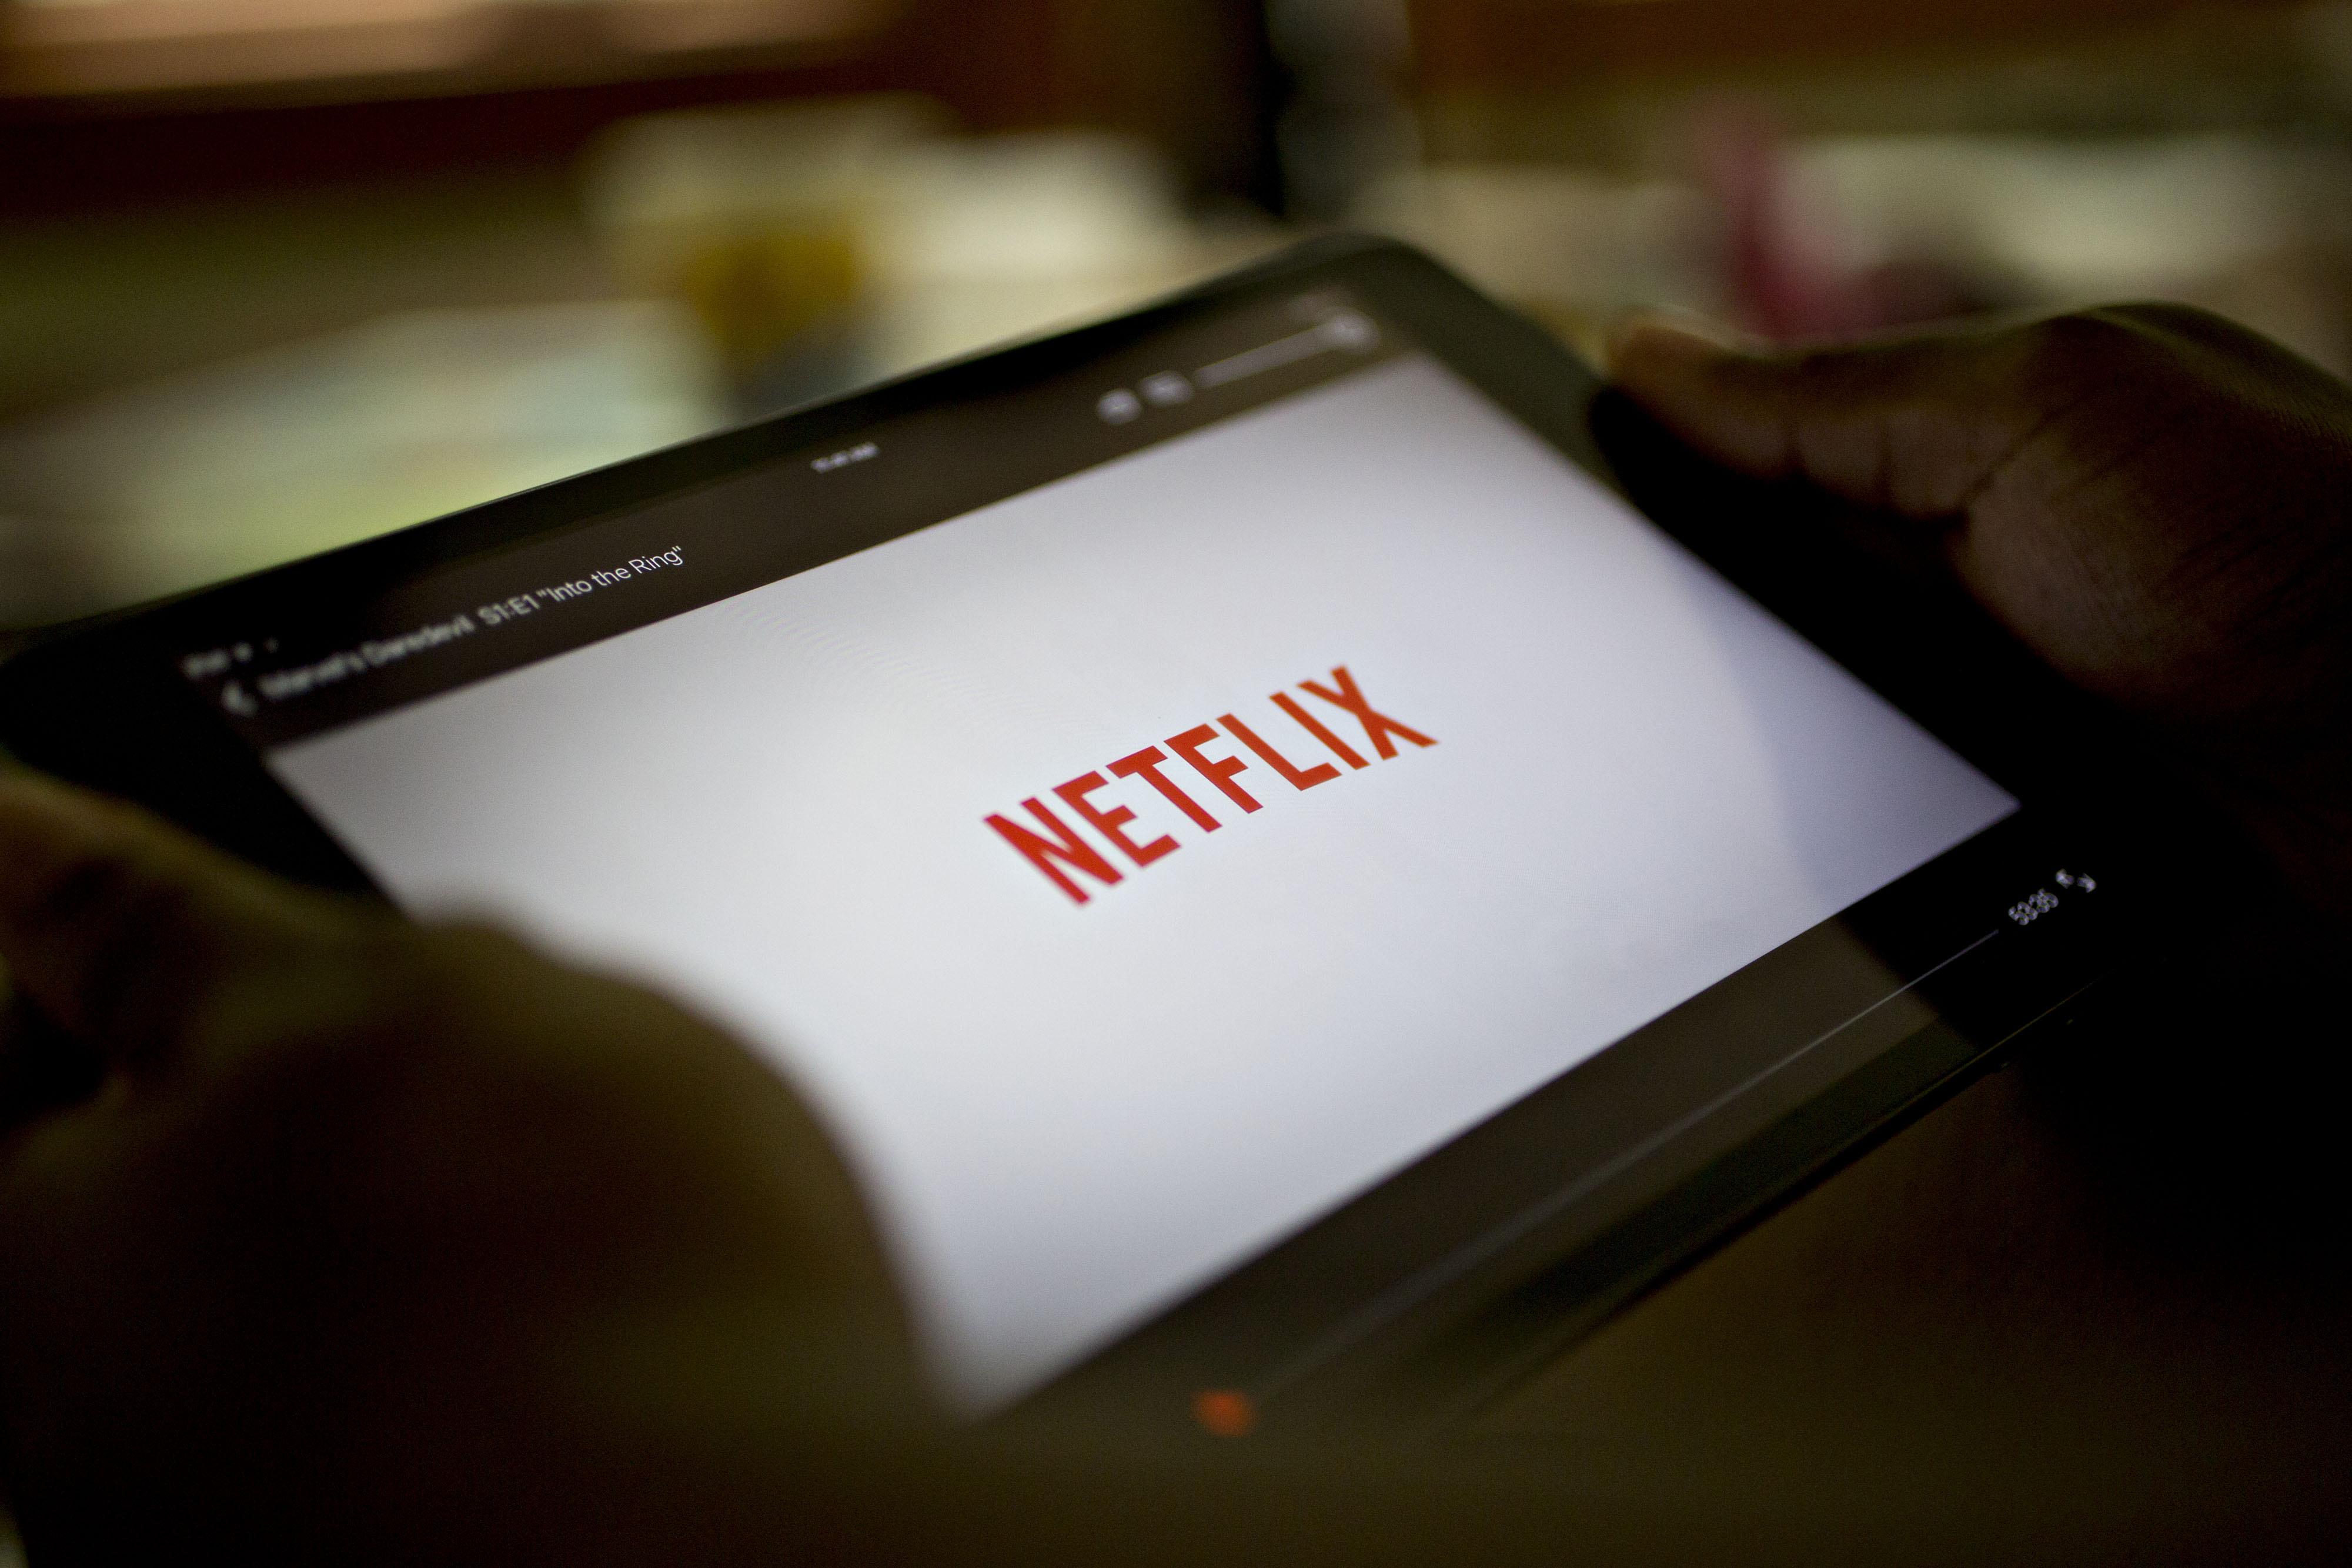 """Las plataformas de entretenimiento buscan competir con el """"mosntruo"""" del entretenimiento (Foto: Especial)"""